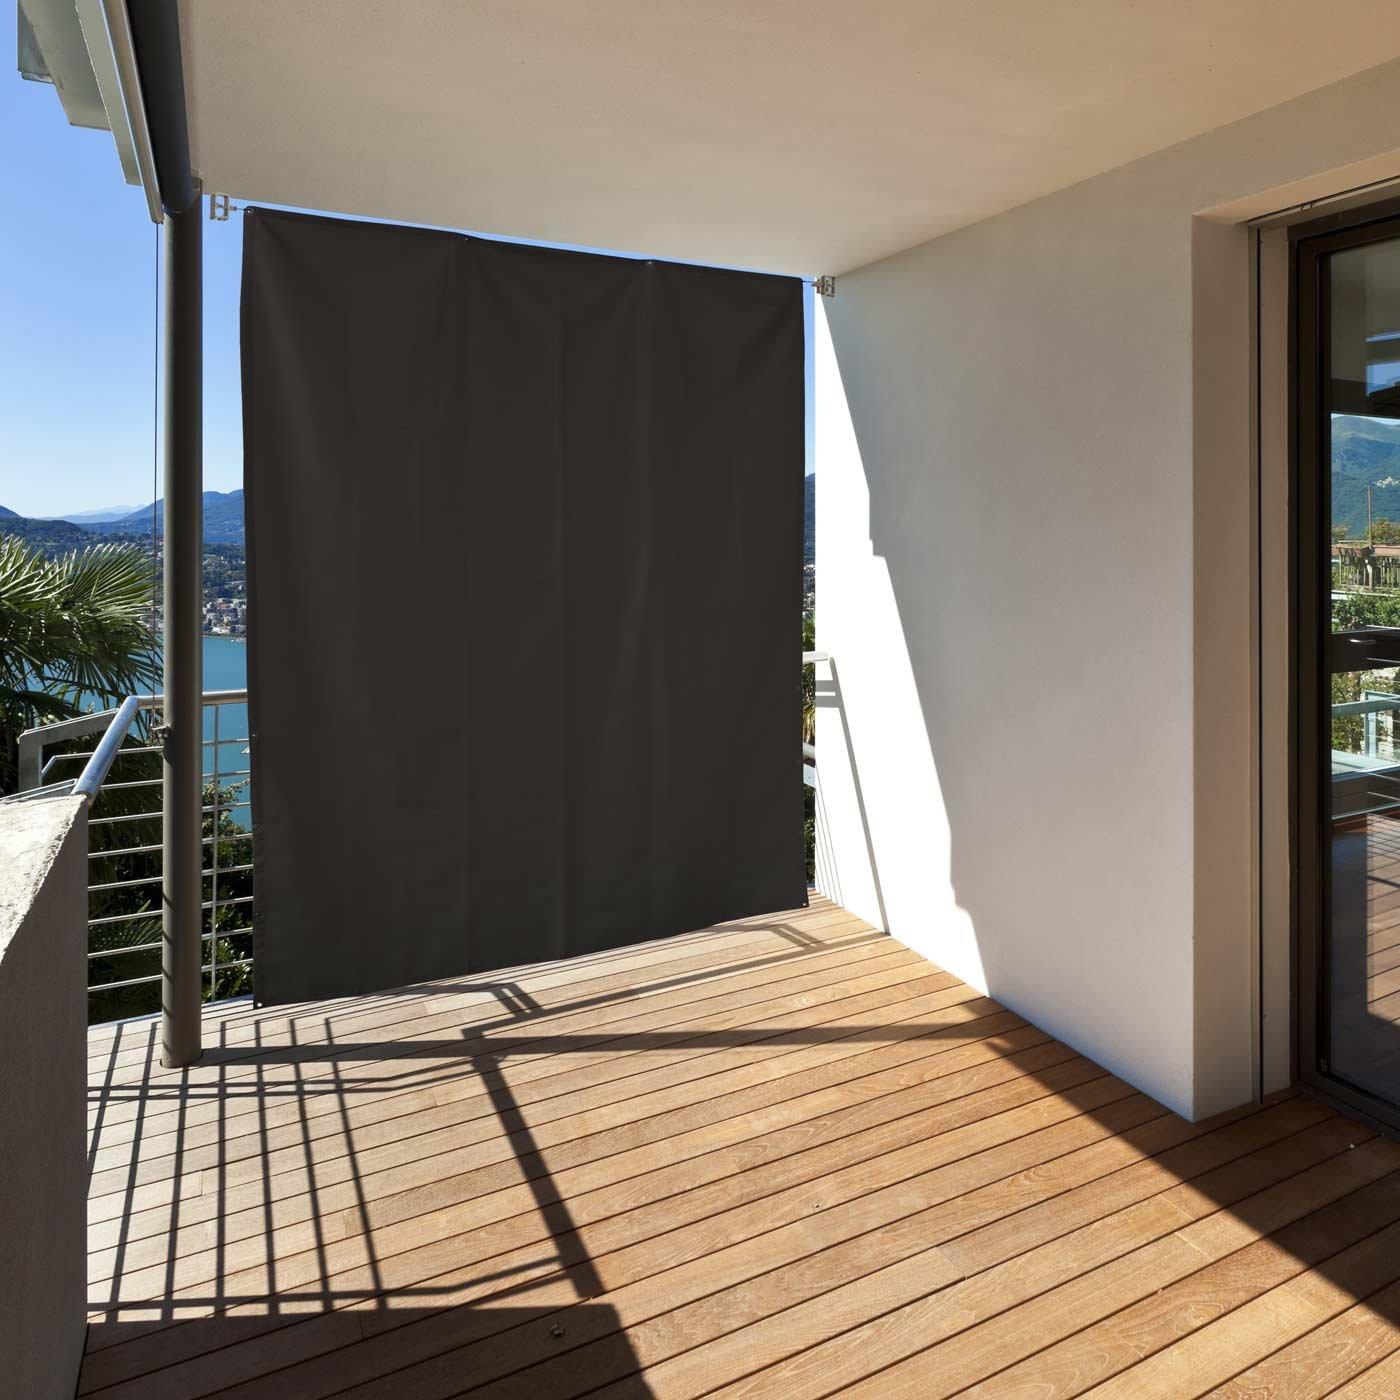 Amazon Balkon Sichtschutz vertikal Balkonsichtschutz zum